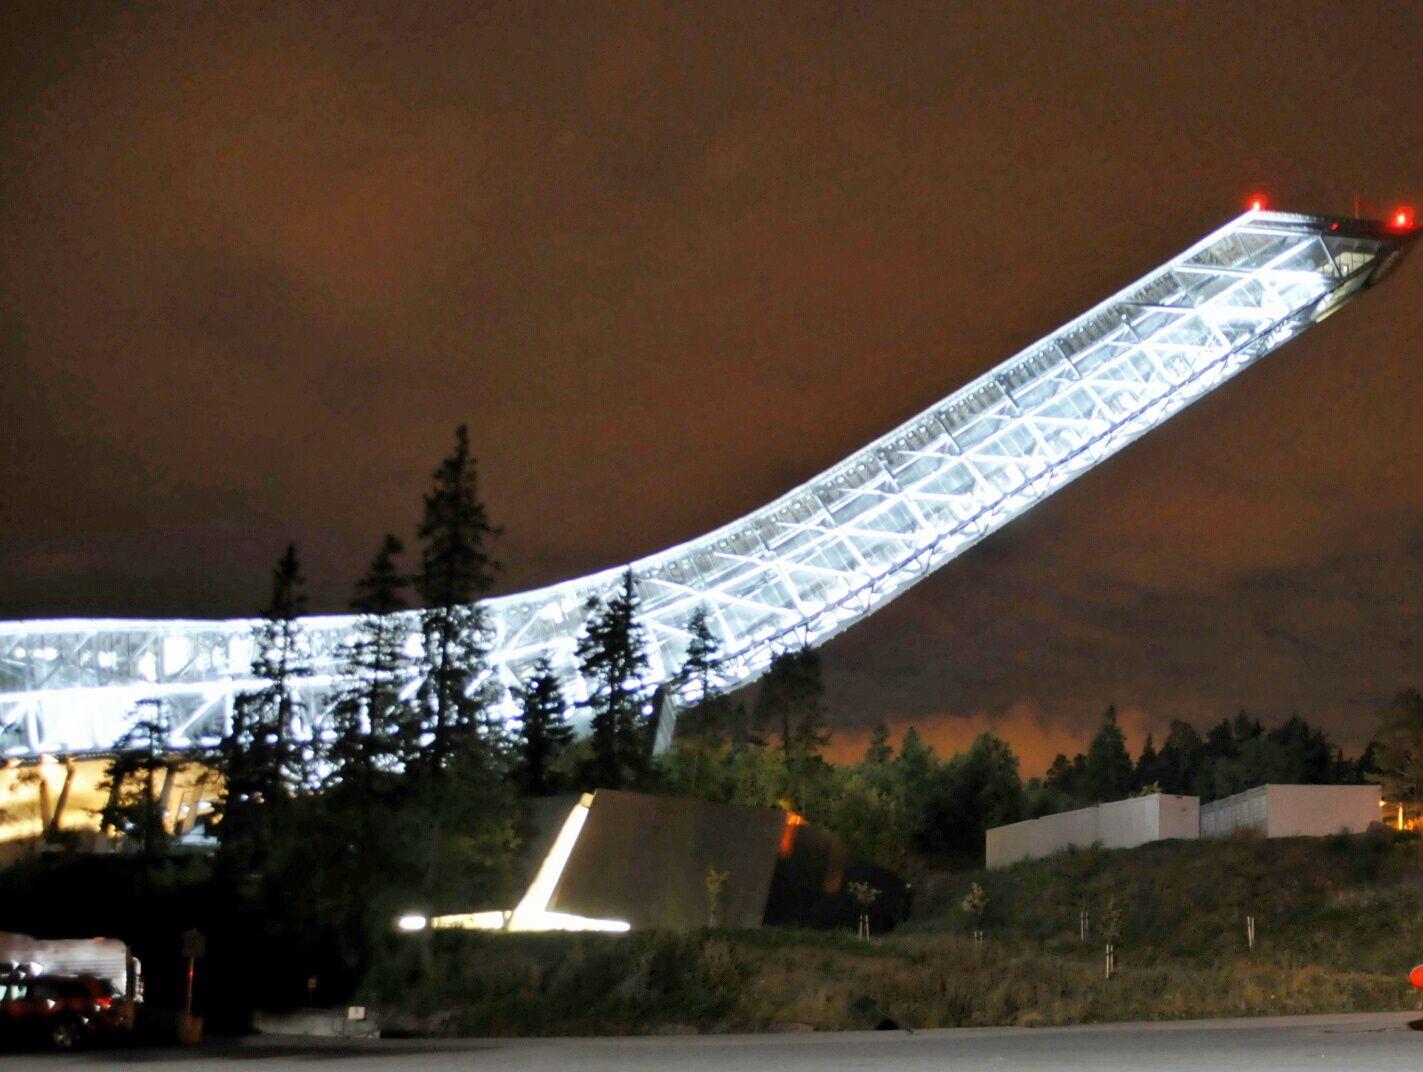 SKAL BLI GRØNN: Holmenkollbakken vil bli opplyst i grønnfarge fra klokken 1600 fredag ettermiddag for å markere at Paris-avtalen trer i kraft den dagen.